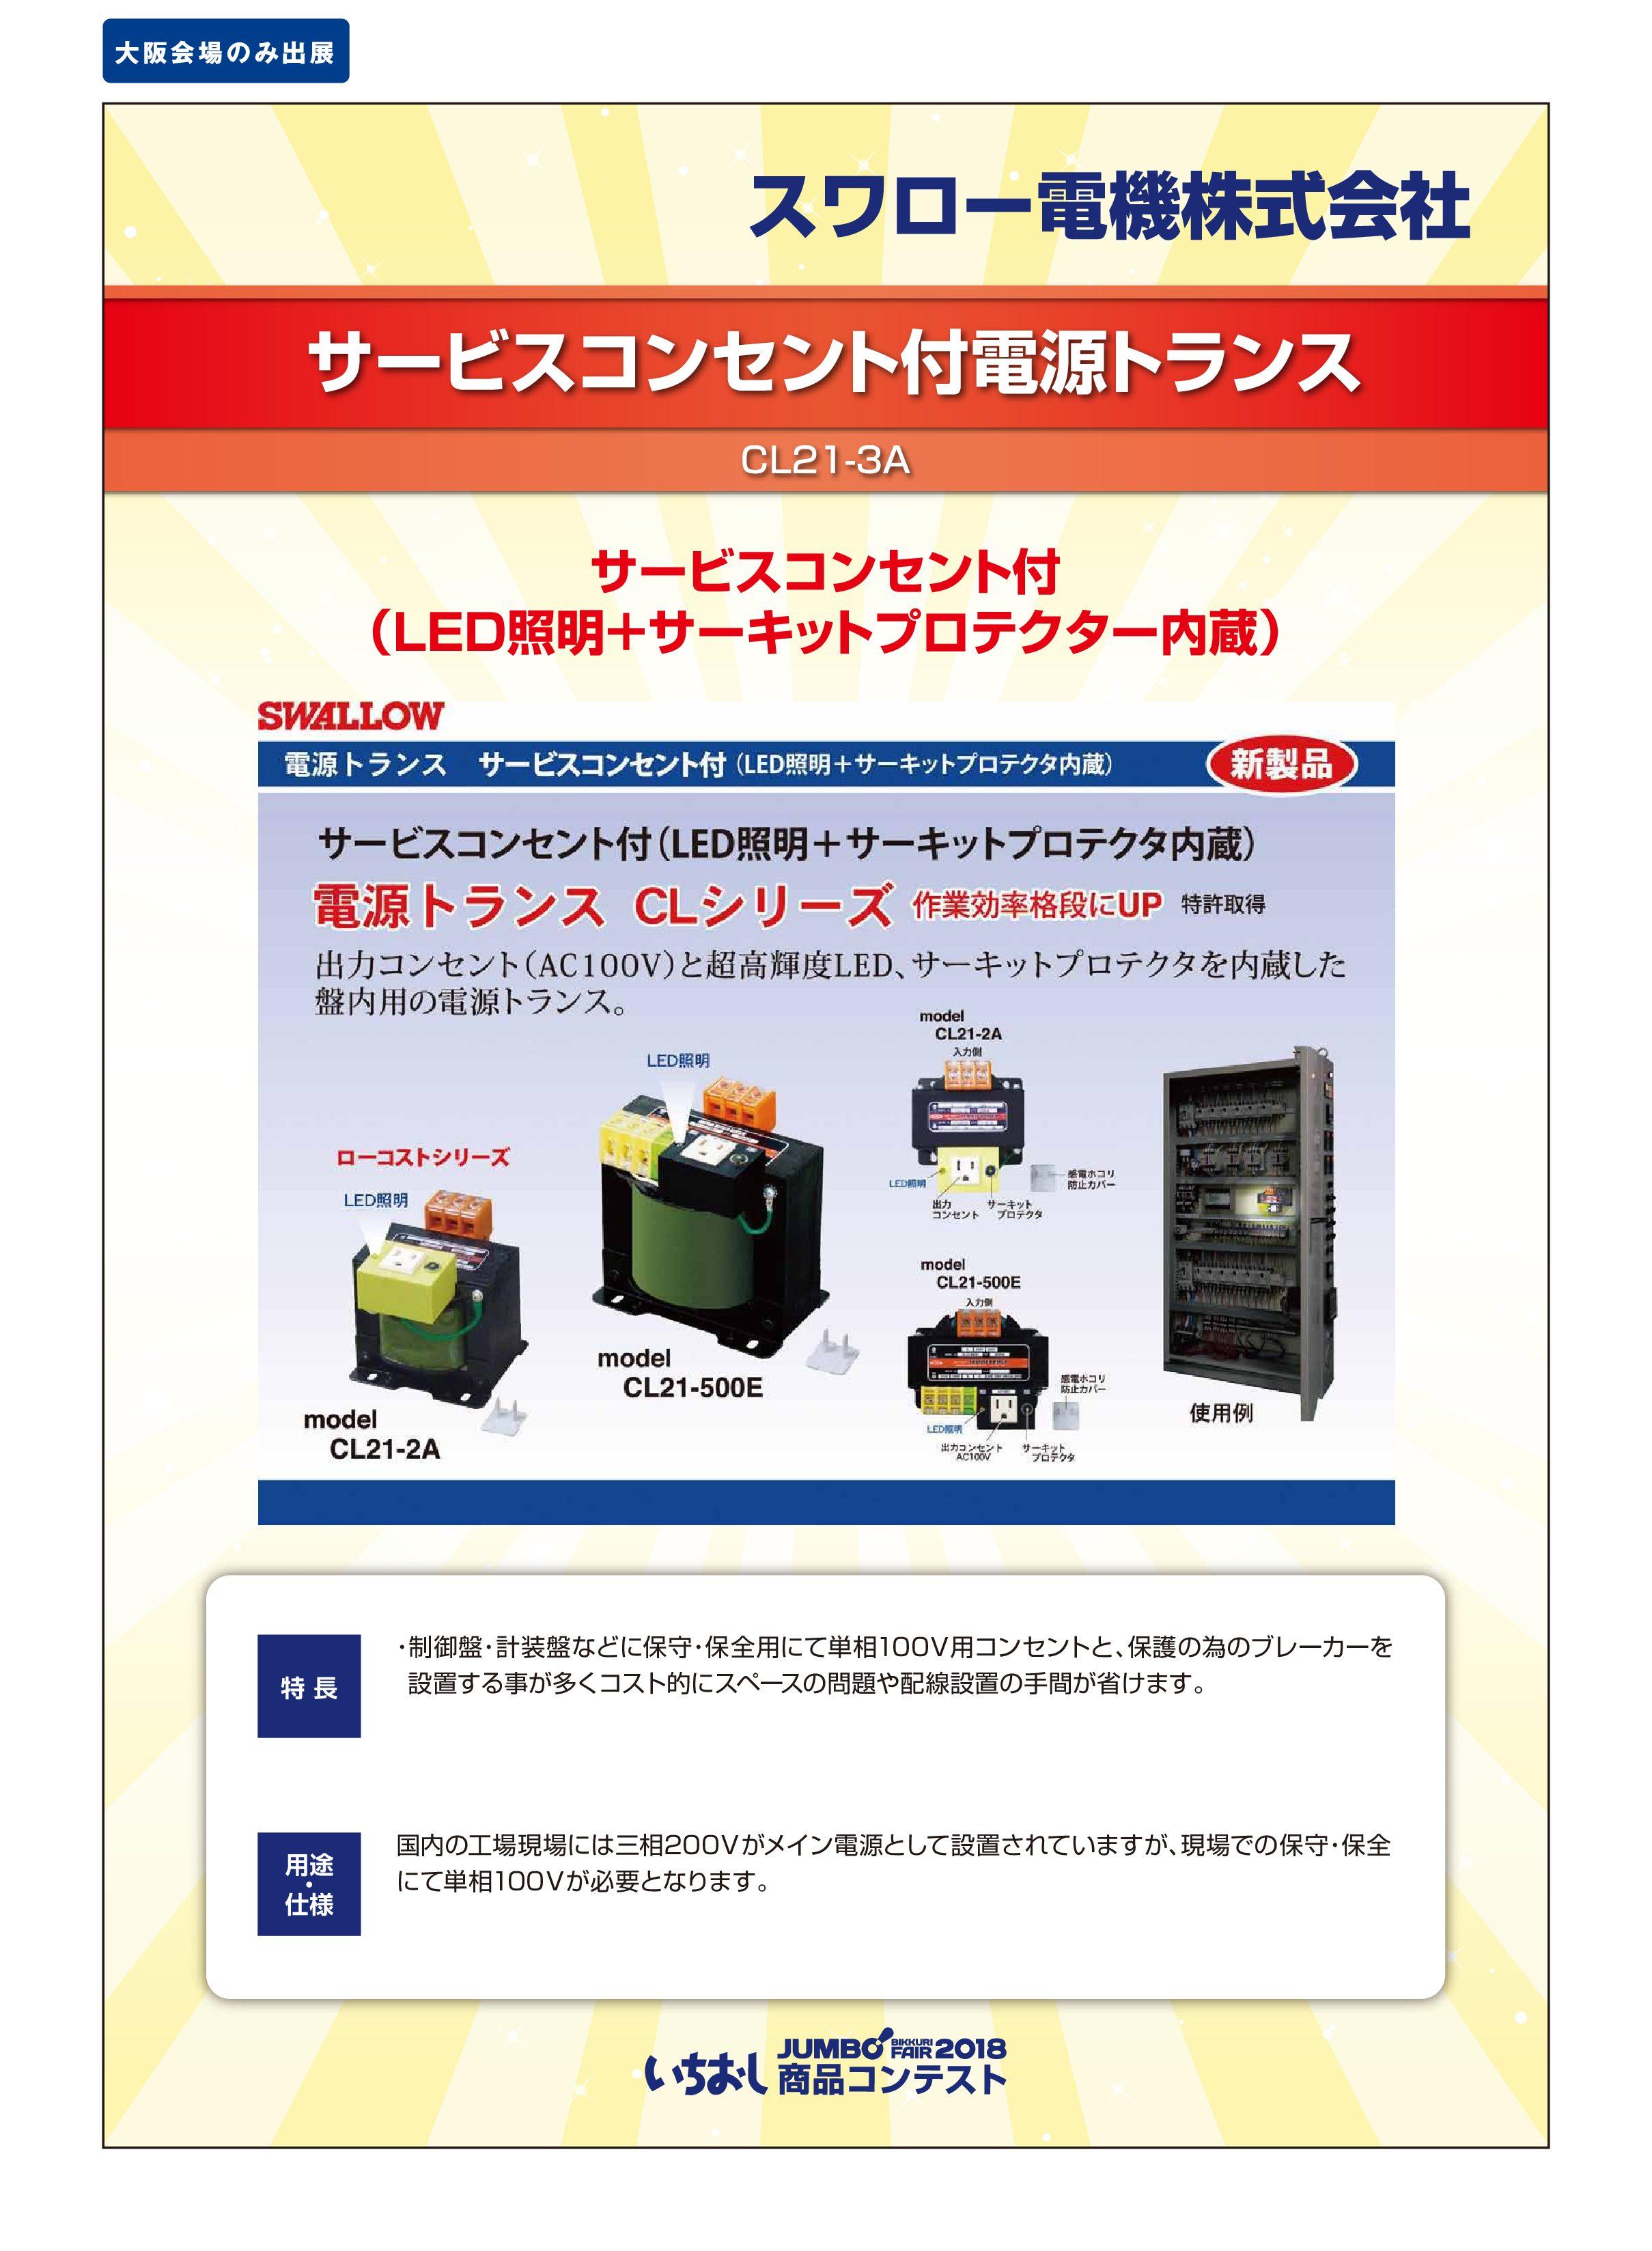 「サービスコンセント付電源トランス」スワロー電機株式会社の画像